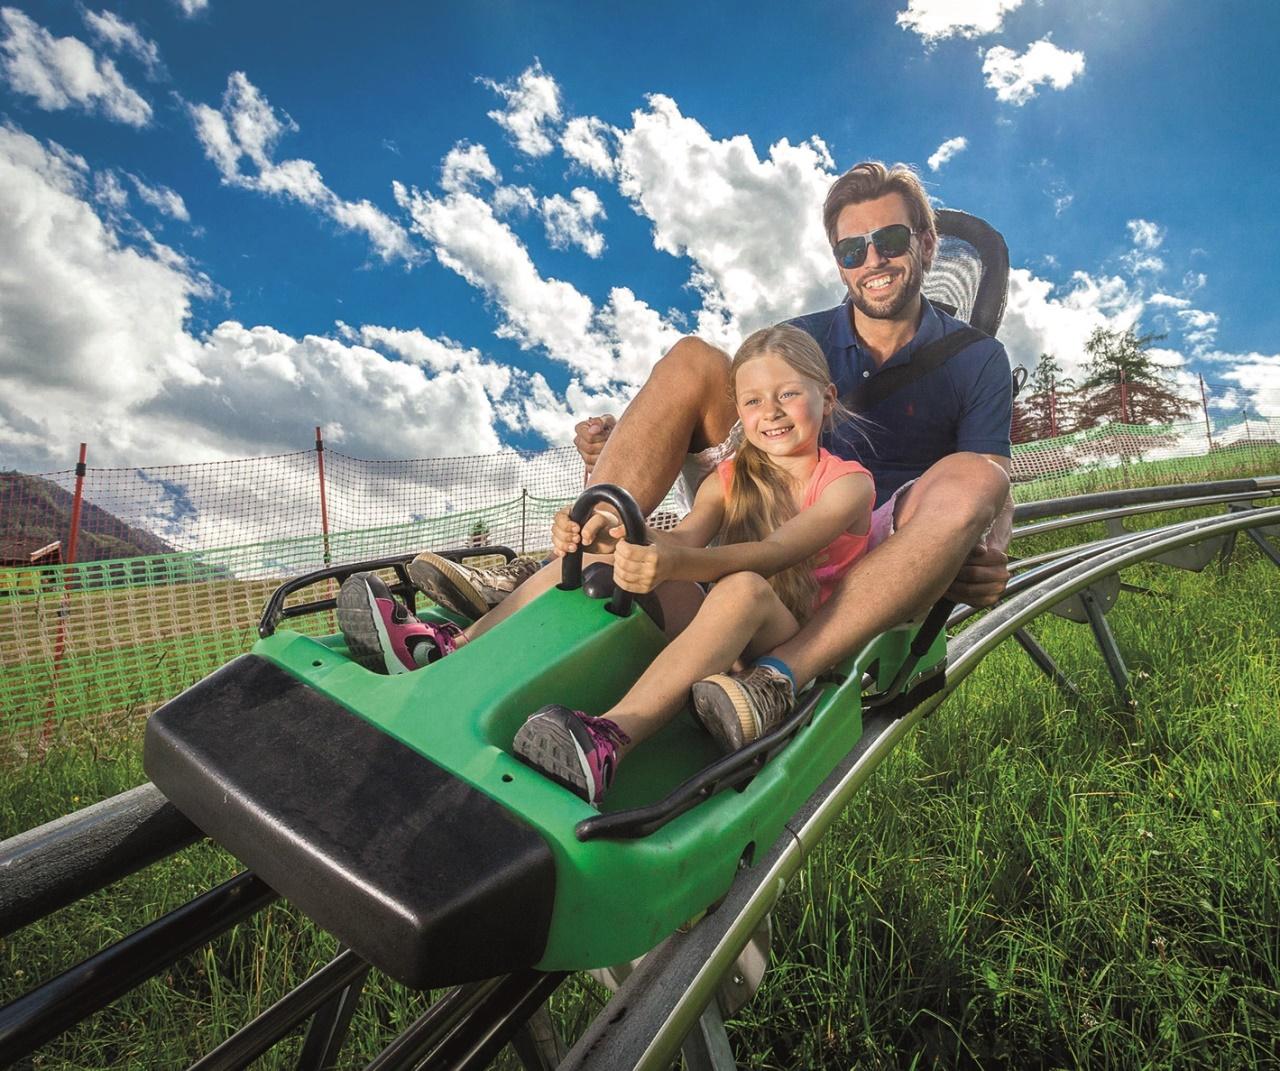 Sommerrodeln im Grünen - ein Spaß für die ganze Familie